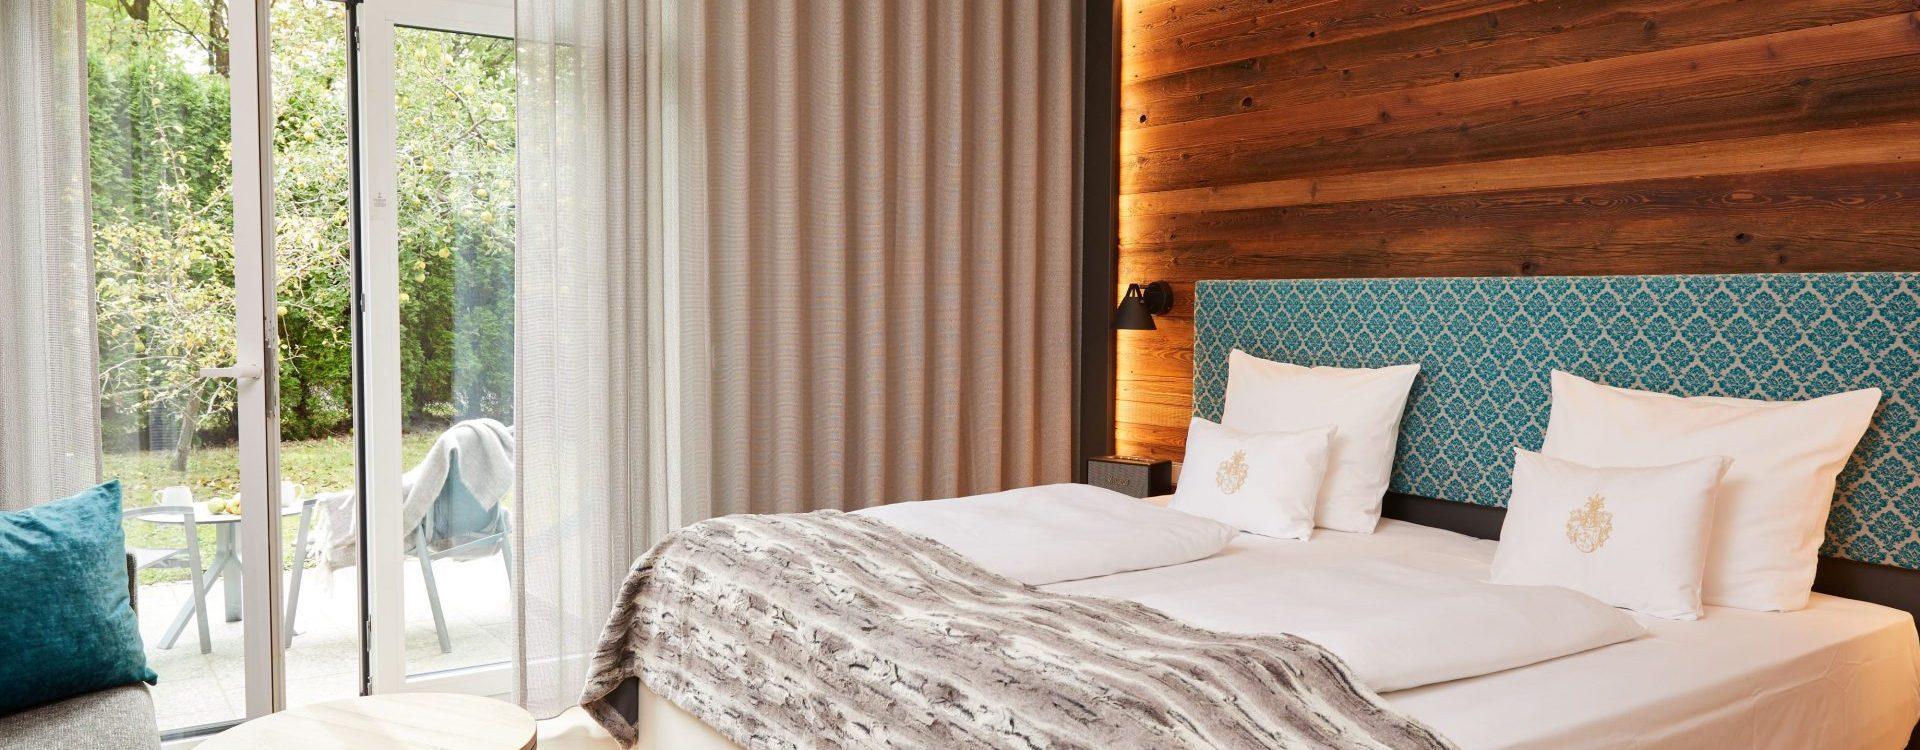 superior_zimmer_balkon_terrasse_hotel_erb_parsdorf_1